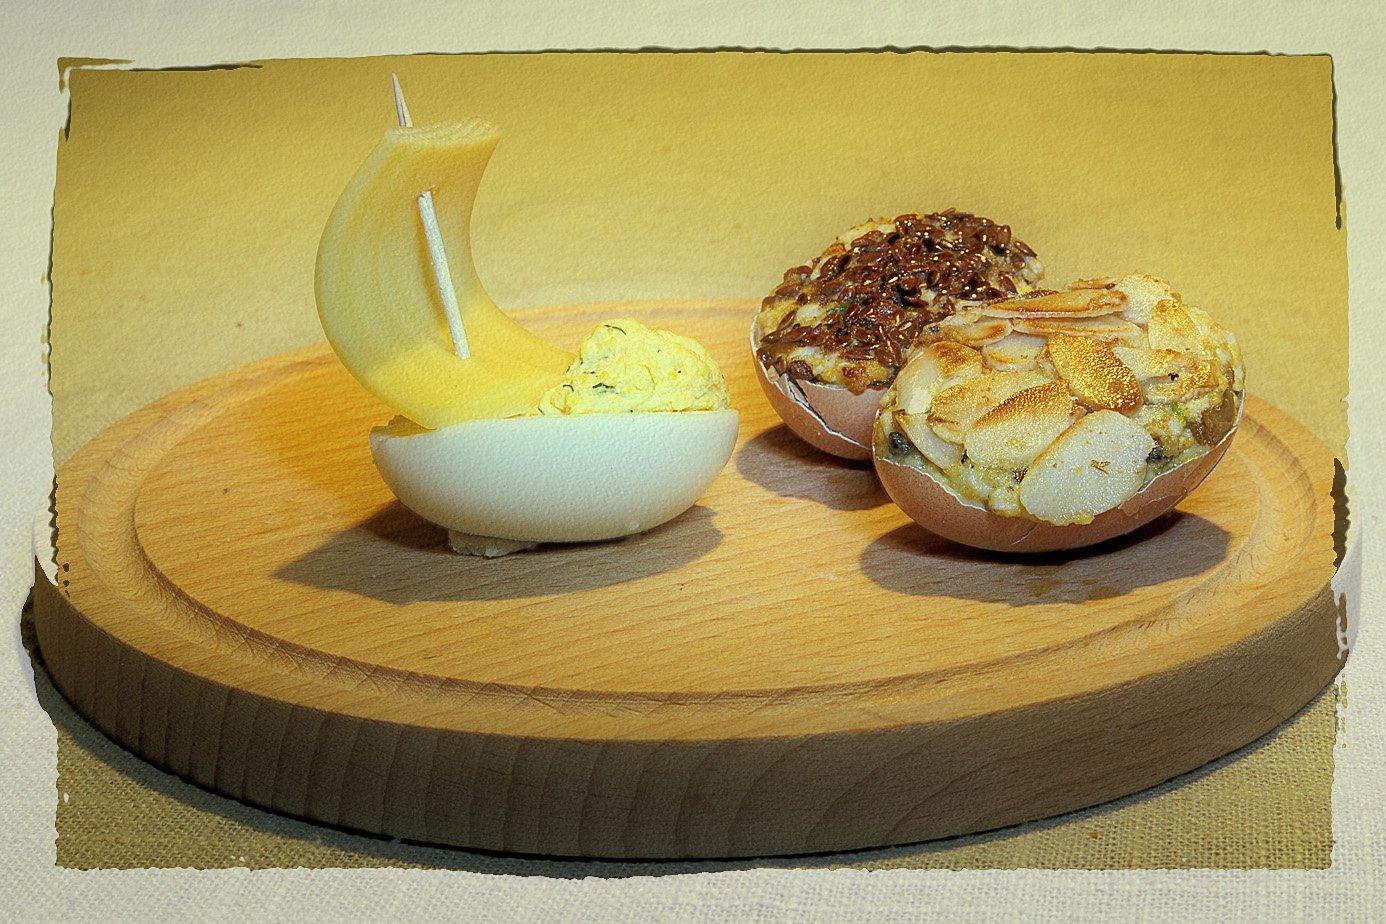 Wielkanocne przysmaki – warsztaty kulinarne dla dzieci w Opolu